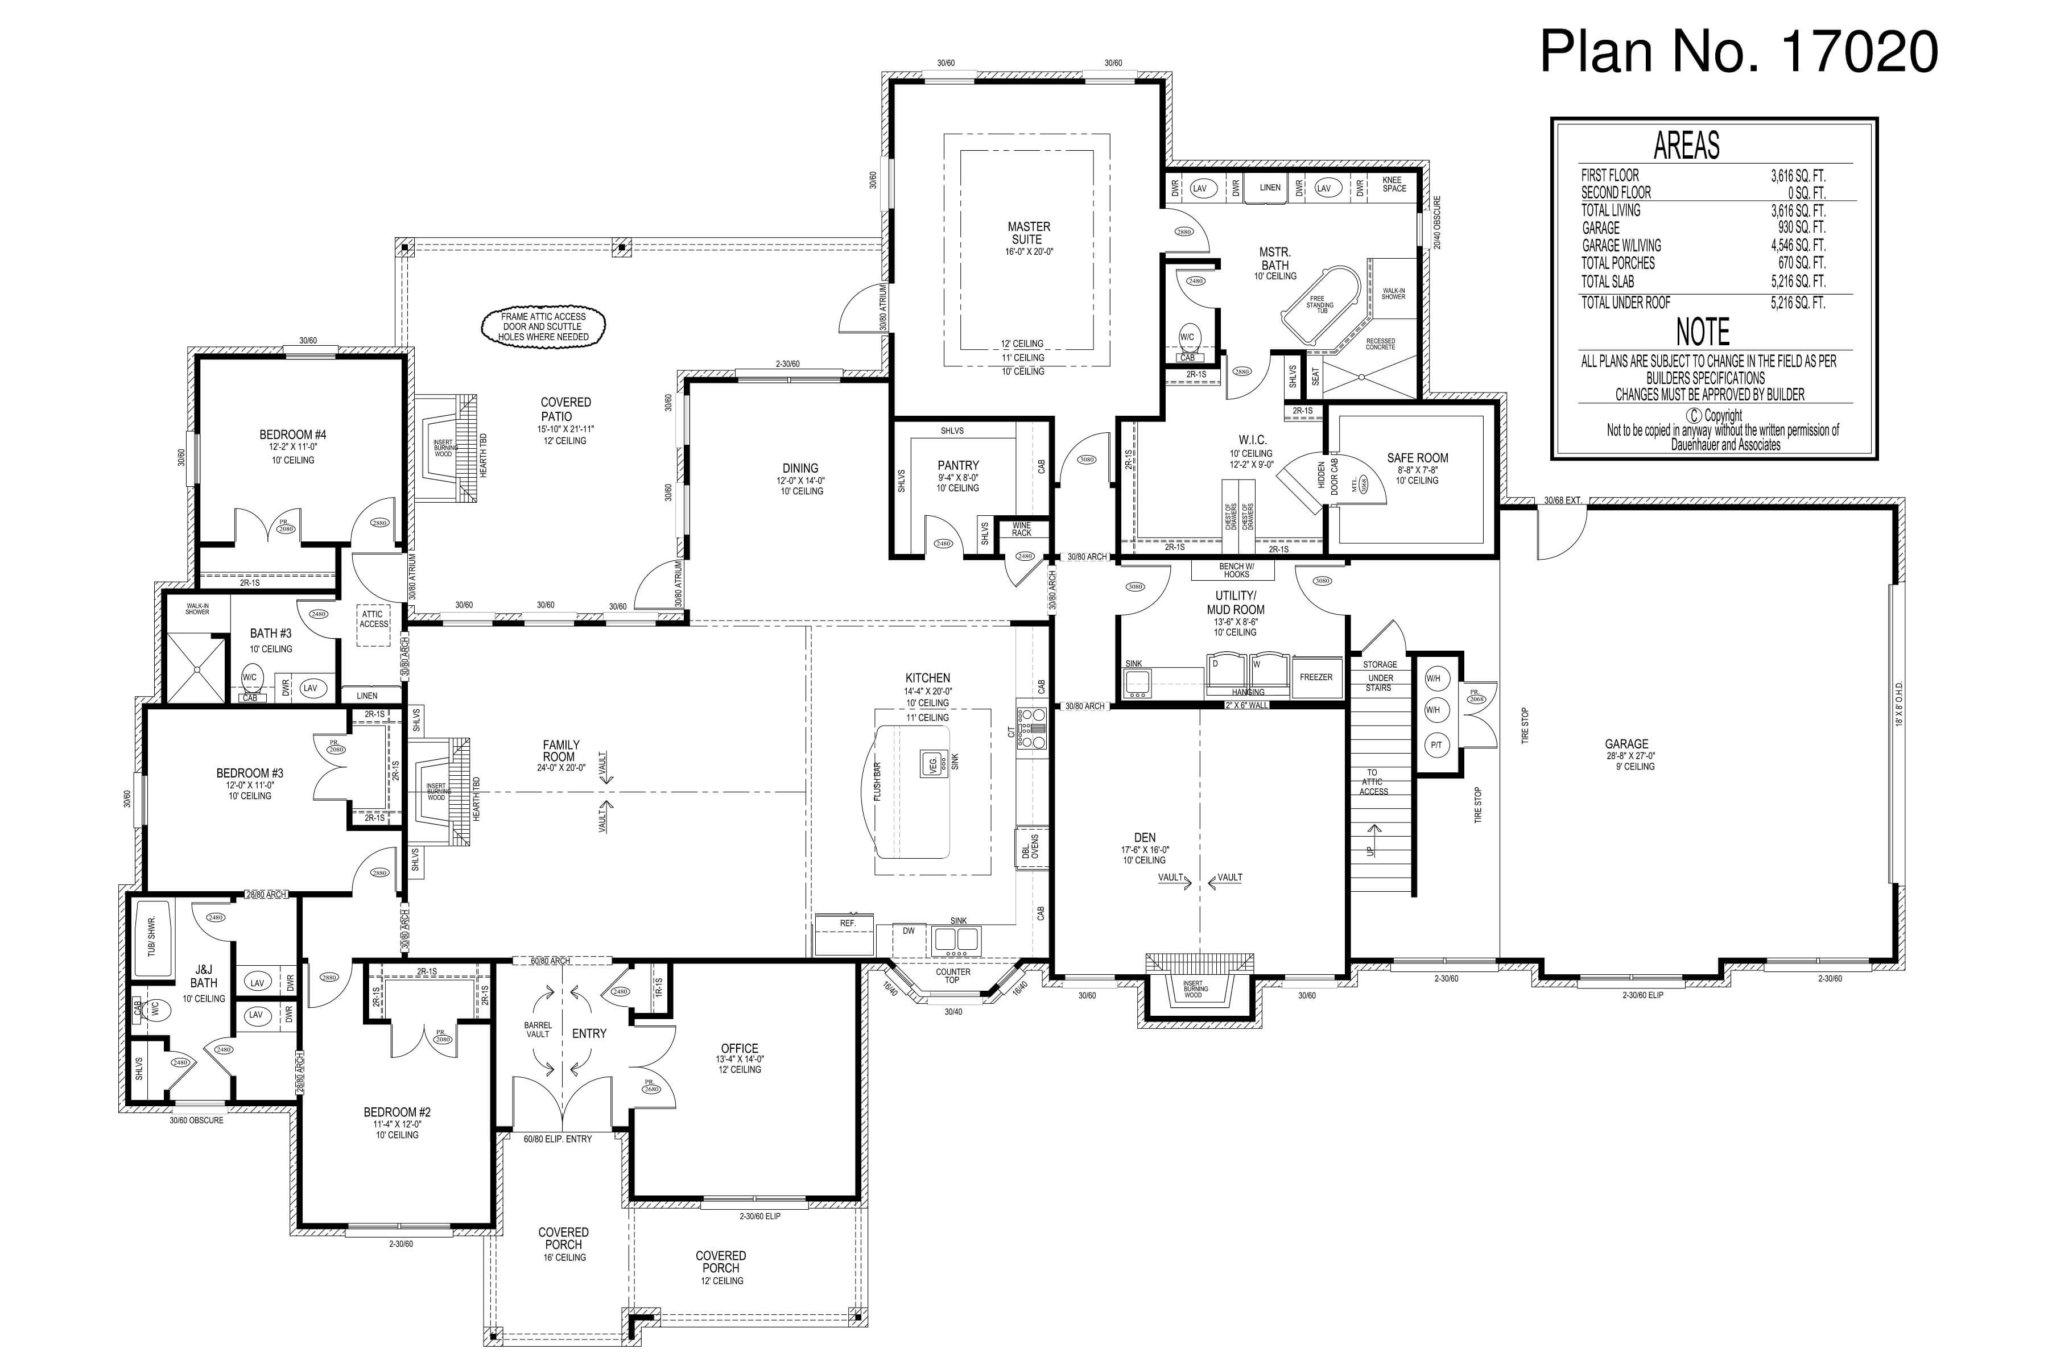 house-plan-p17020p-floor